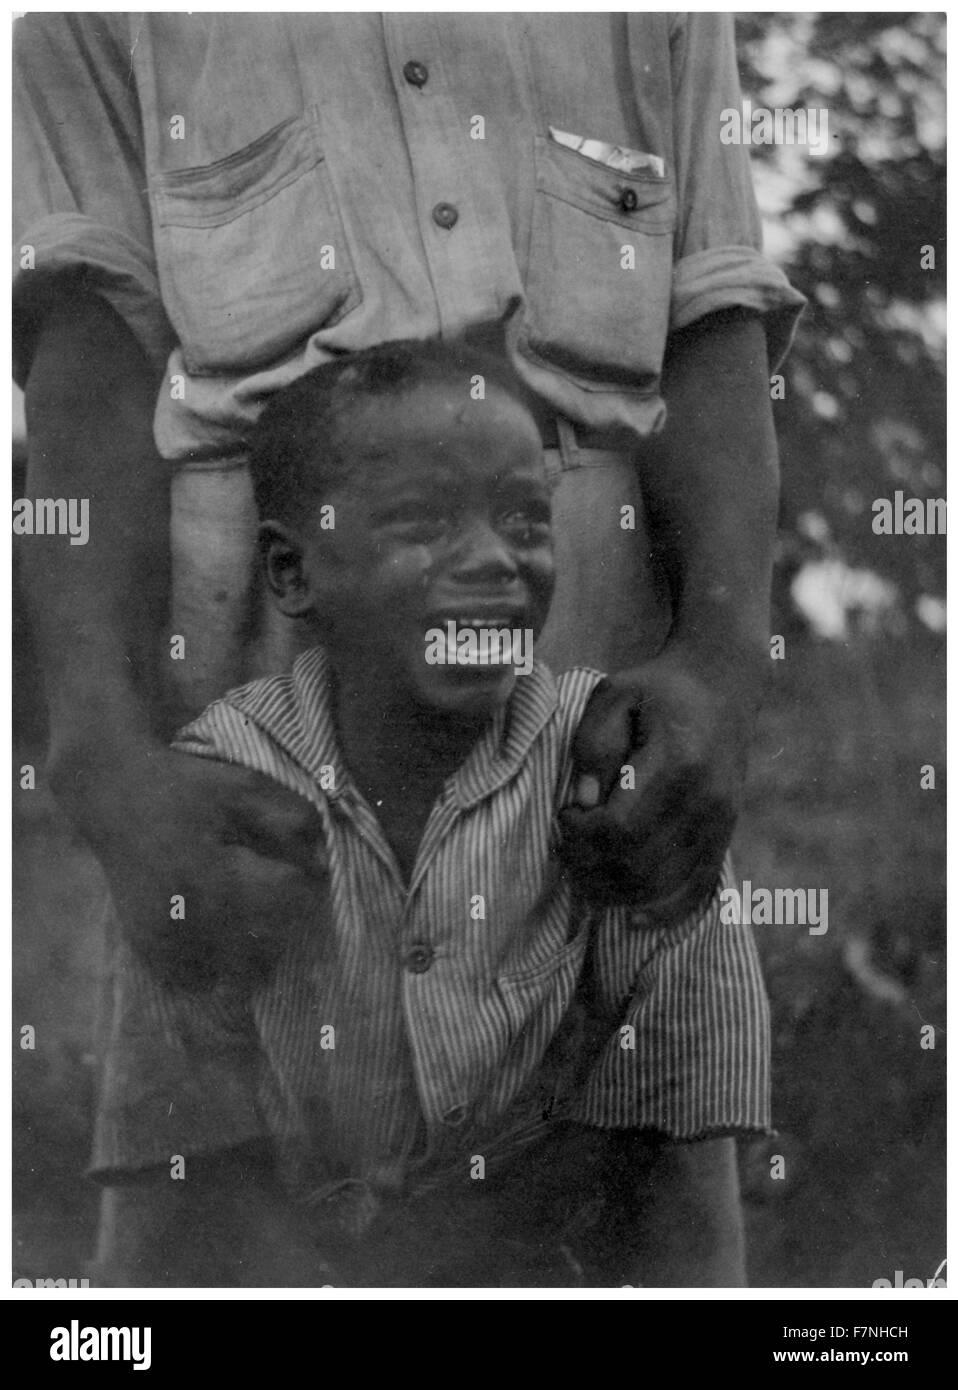 Giovane americano africano ragazzo. 1940 Immagini Stock